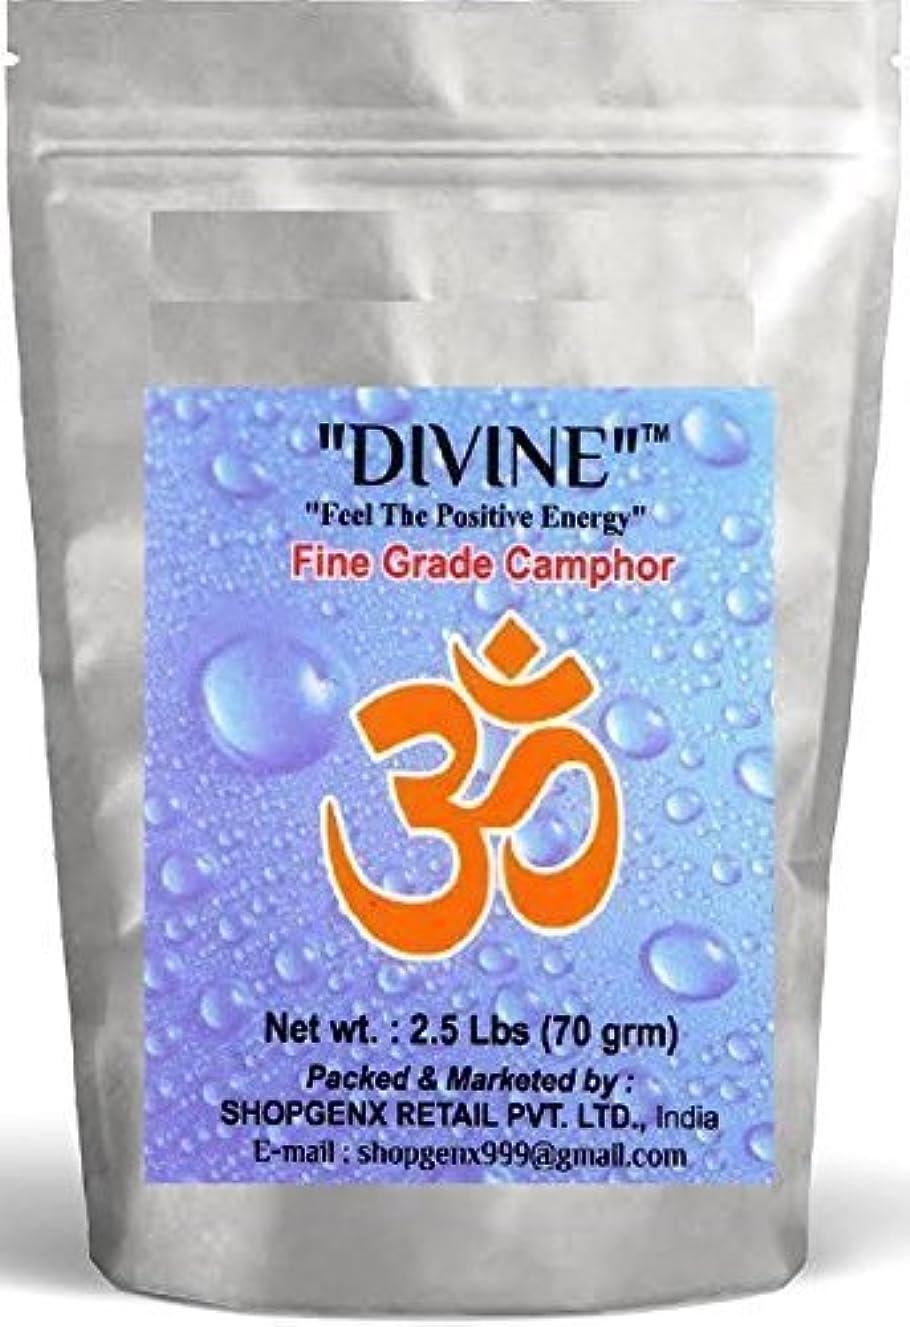 大声で克服するまもなくsiddhratan供養Pure 70 g Refined Camphor Flakes for Holy Spiritual Hindu供養Ganpati & Diwali Rituals ( Pack of 2 )